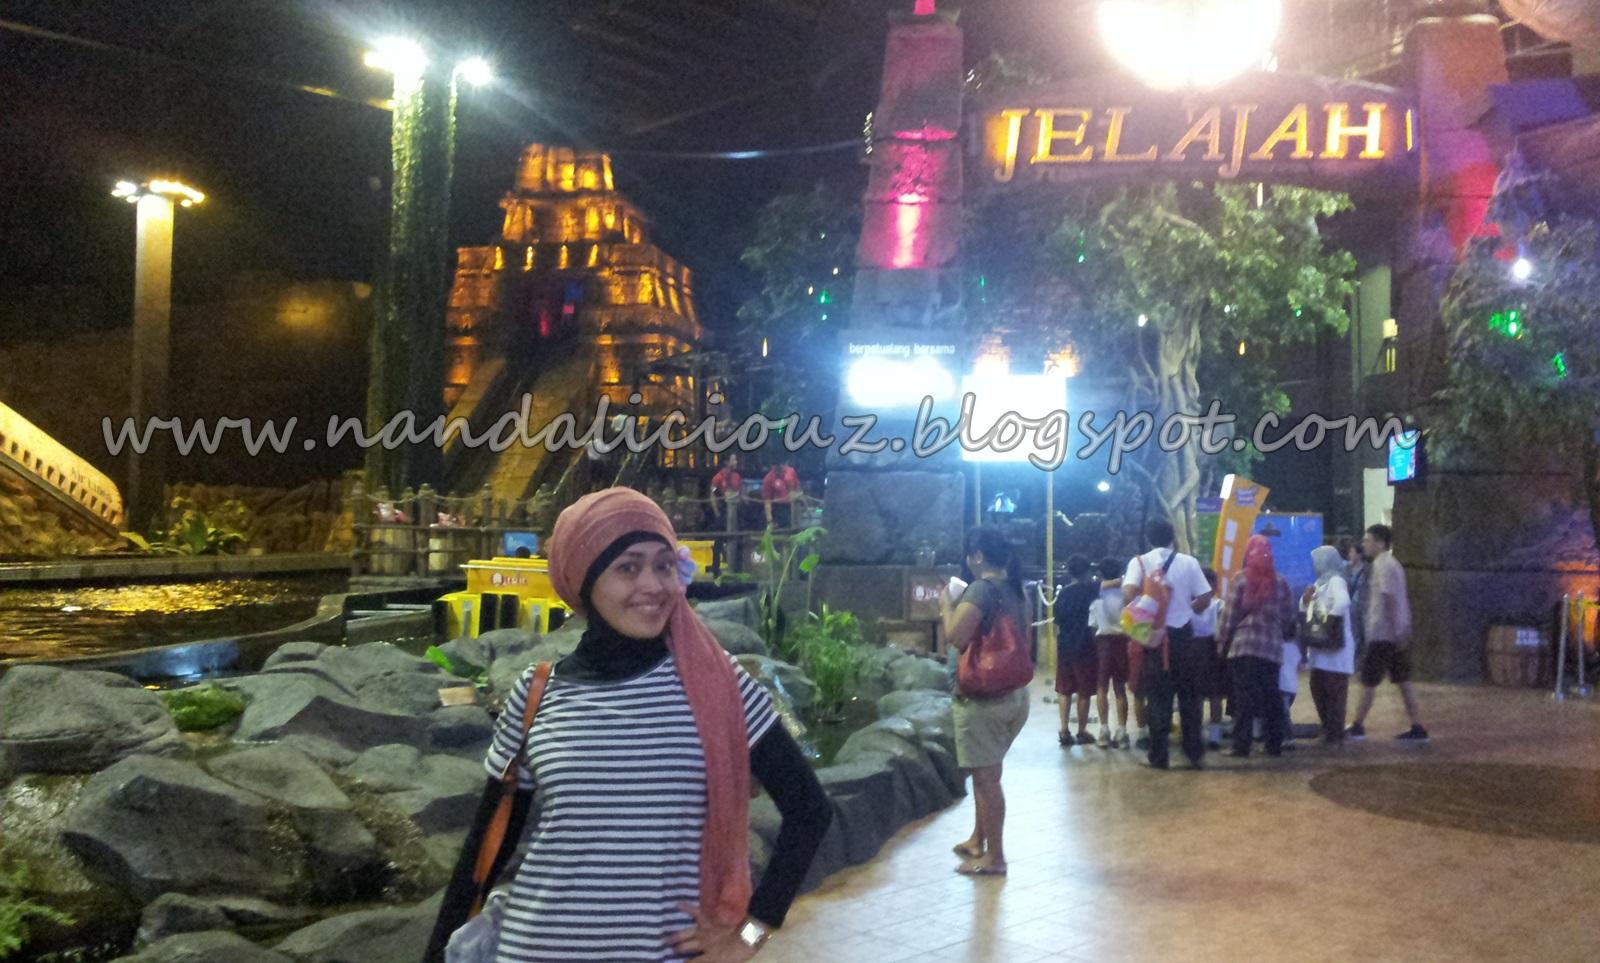 Sofa Studio Musik Bandung Cheap Beds Under 200 Nandaliciouz Honeymoon Part 1